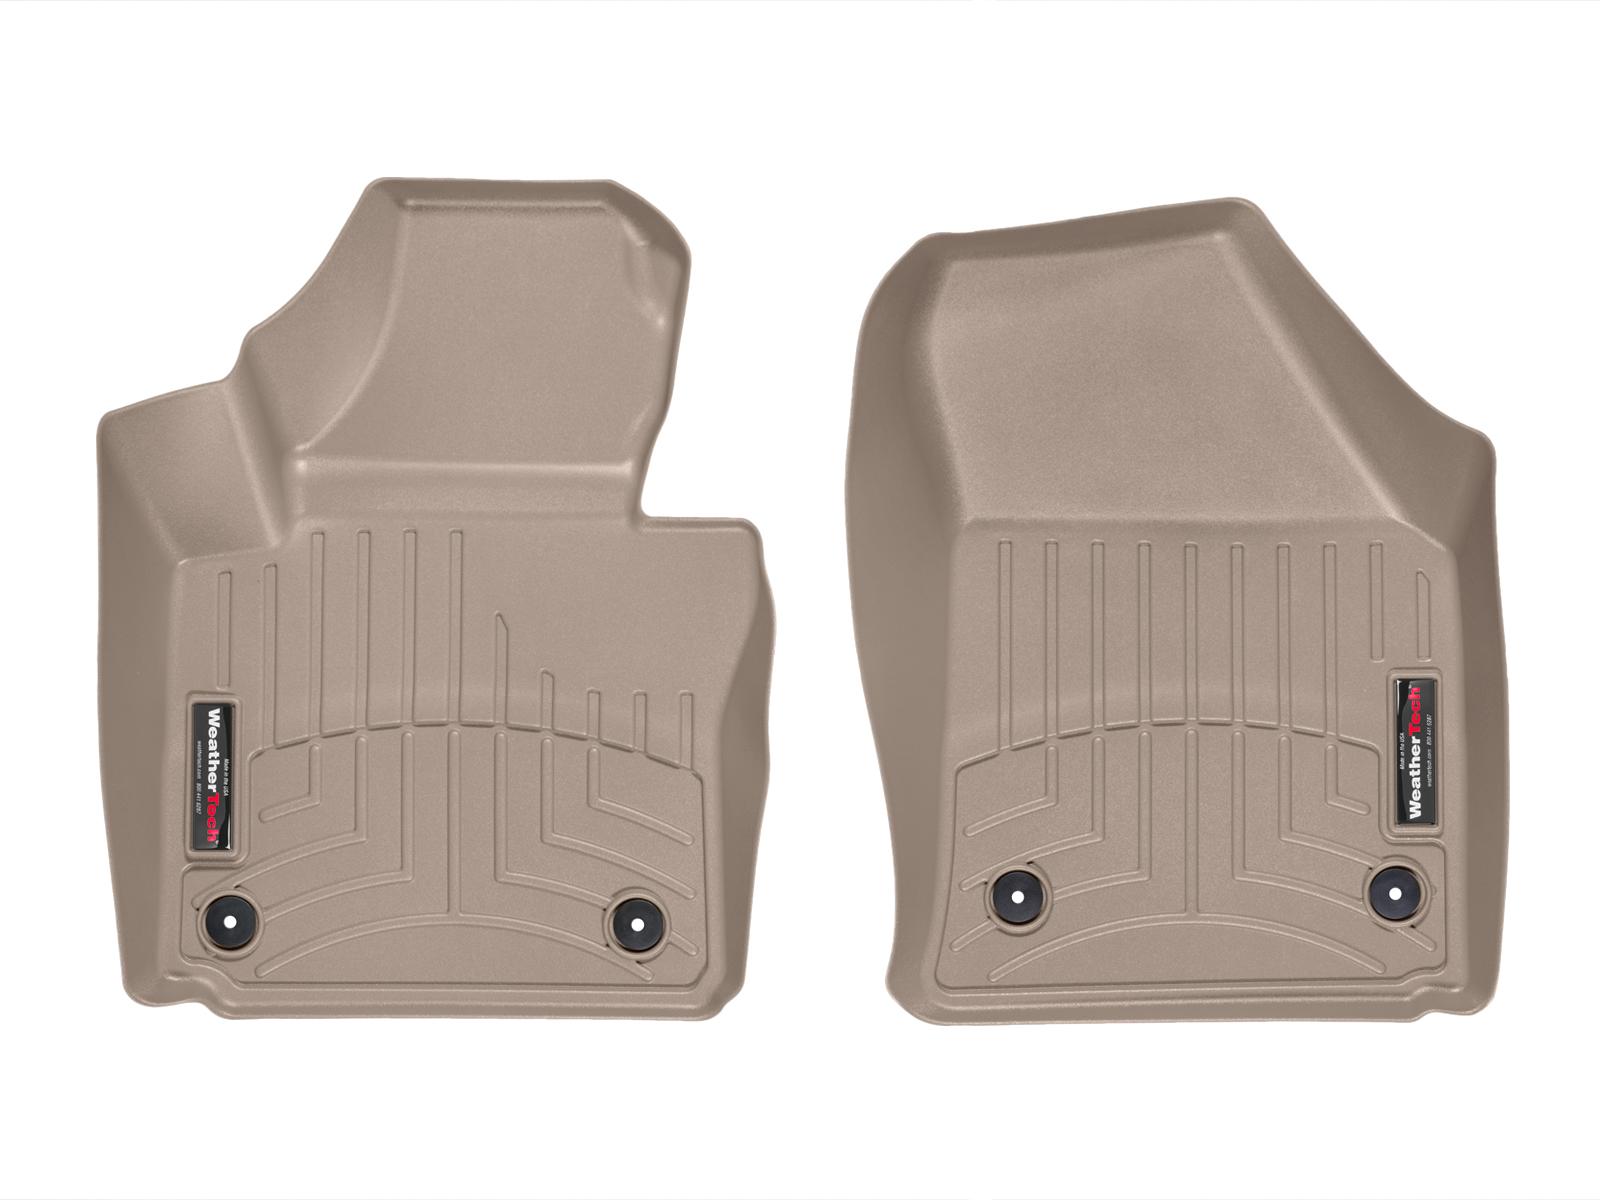 Tappeti gomma su misura bordo alto Volkswagen Touran 10>14 Marrone A4339*